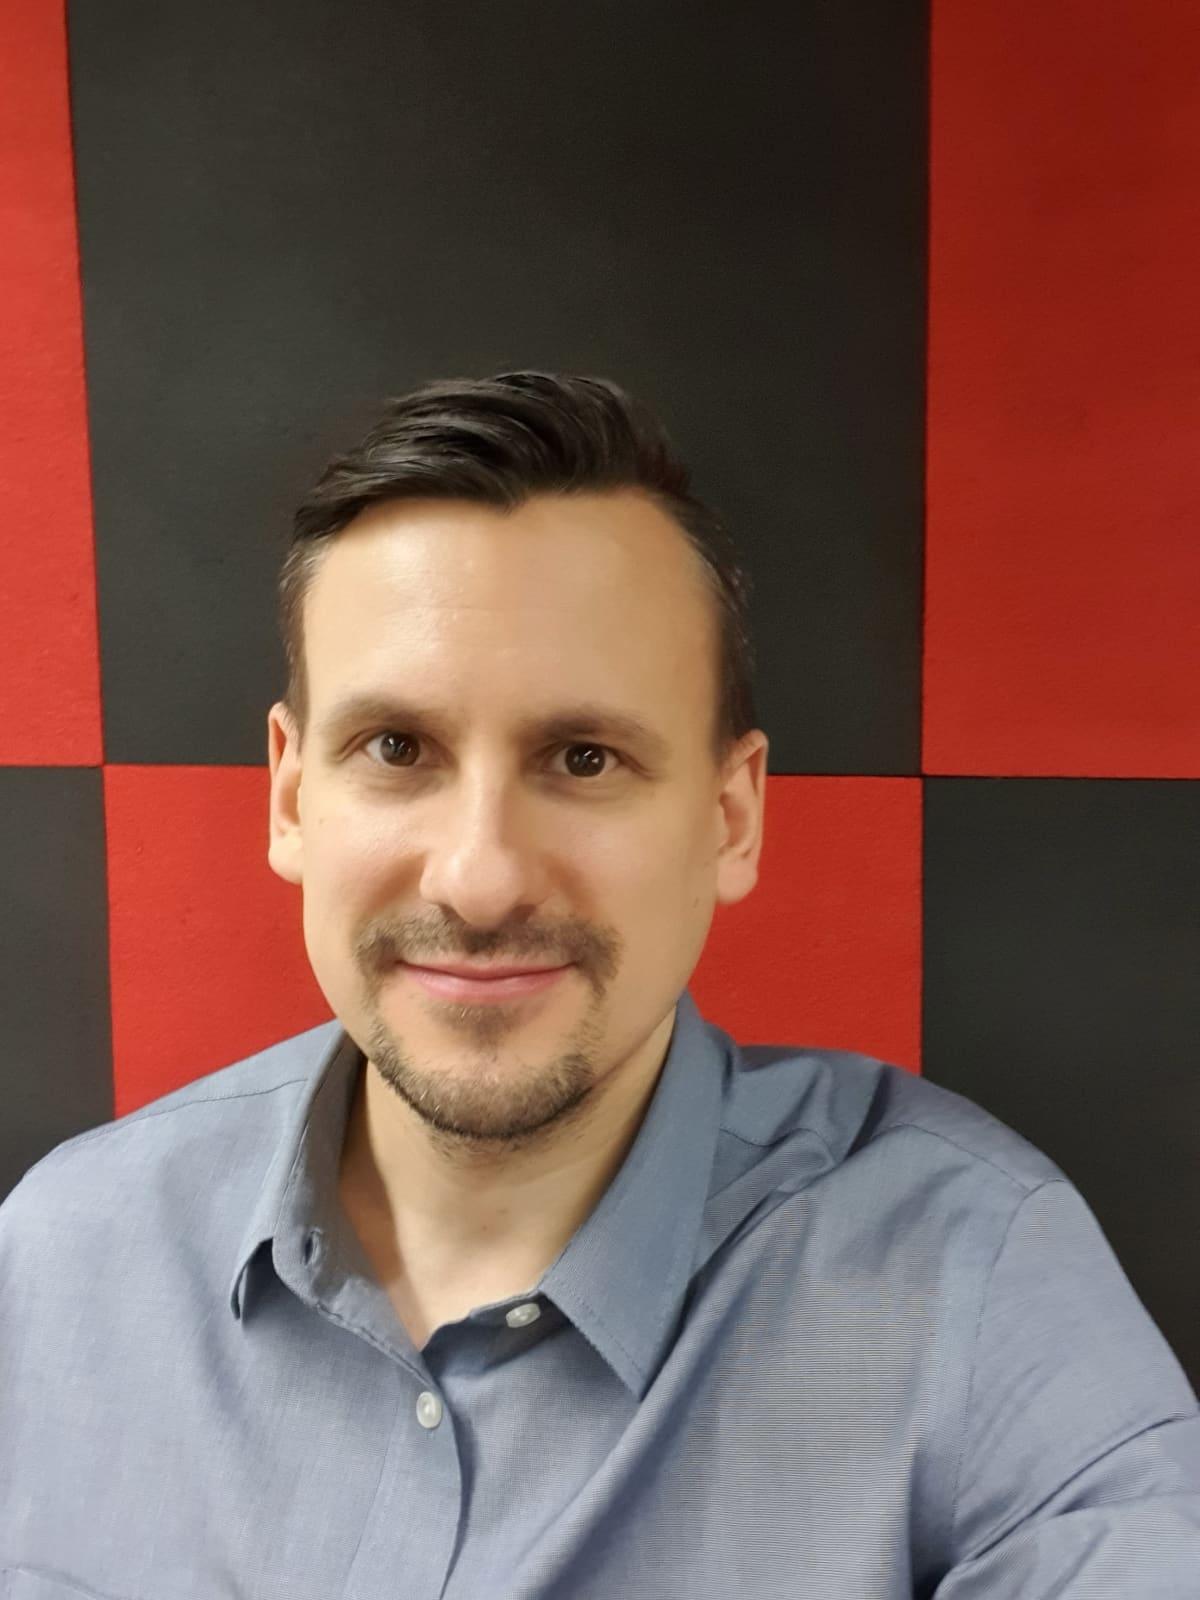 Verkkokauppa.comin kaupallinen johtaja Vesa Järveläinen hymyilee kameralle.